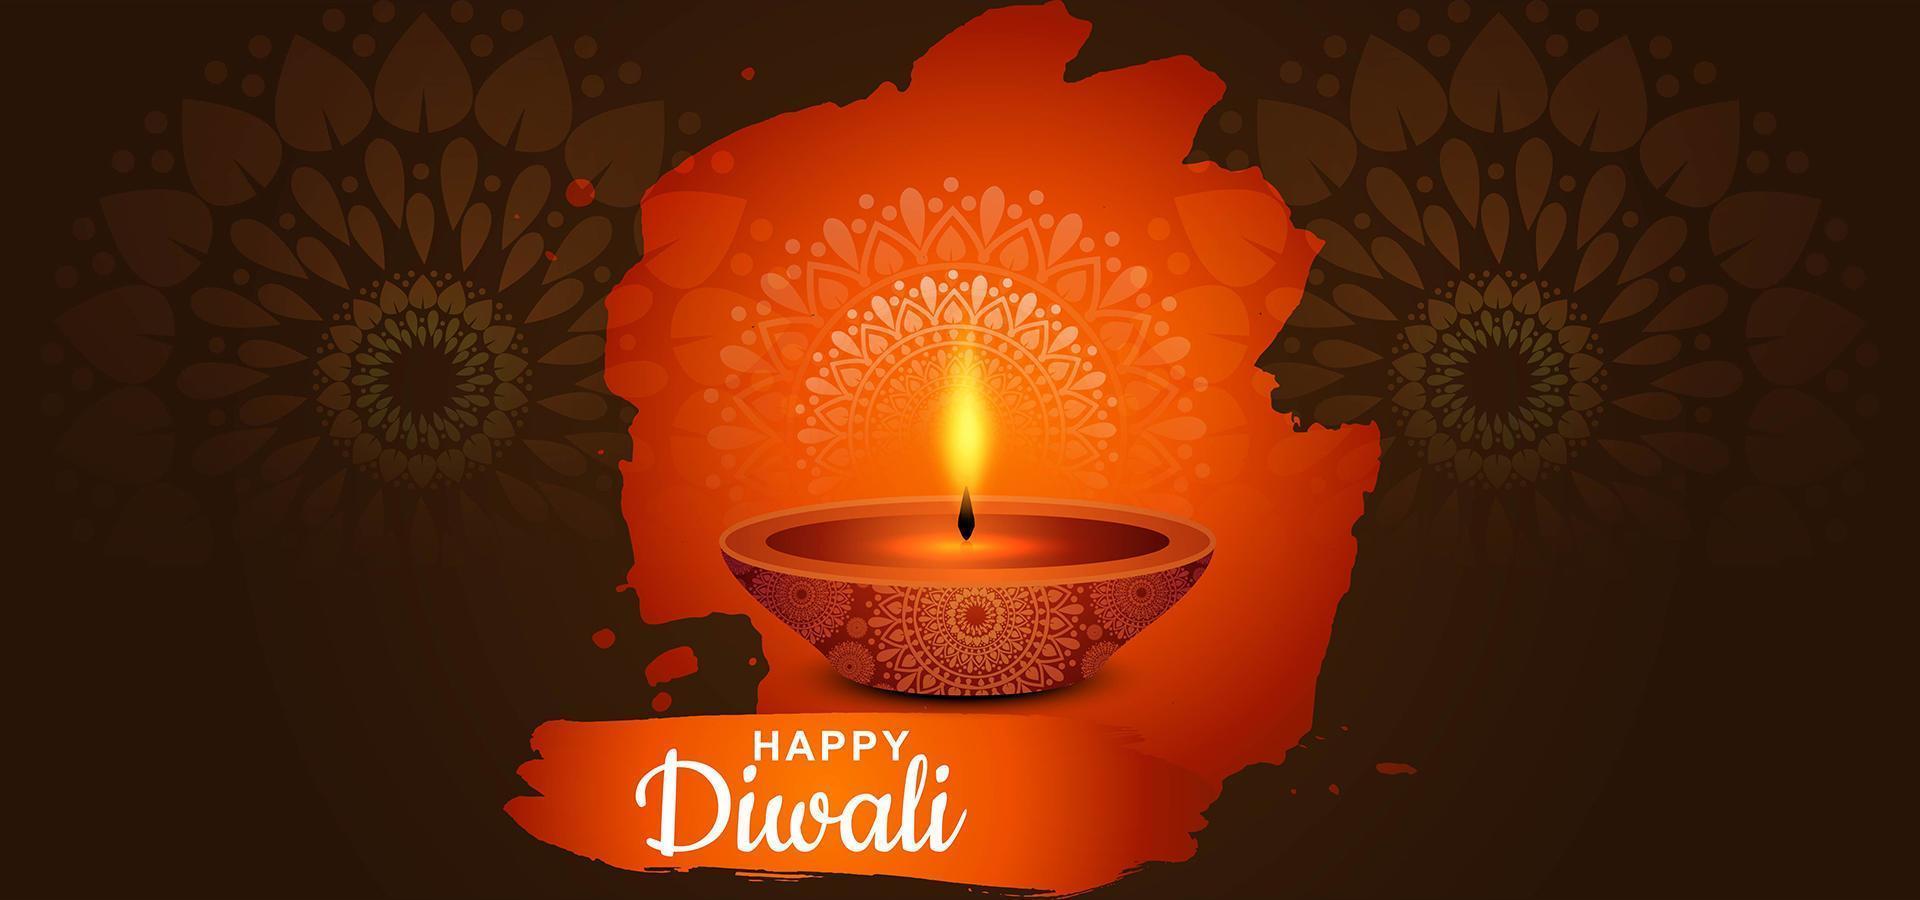 lámpara de aceite diya india para el festival de luces fondo feliz diwali vector